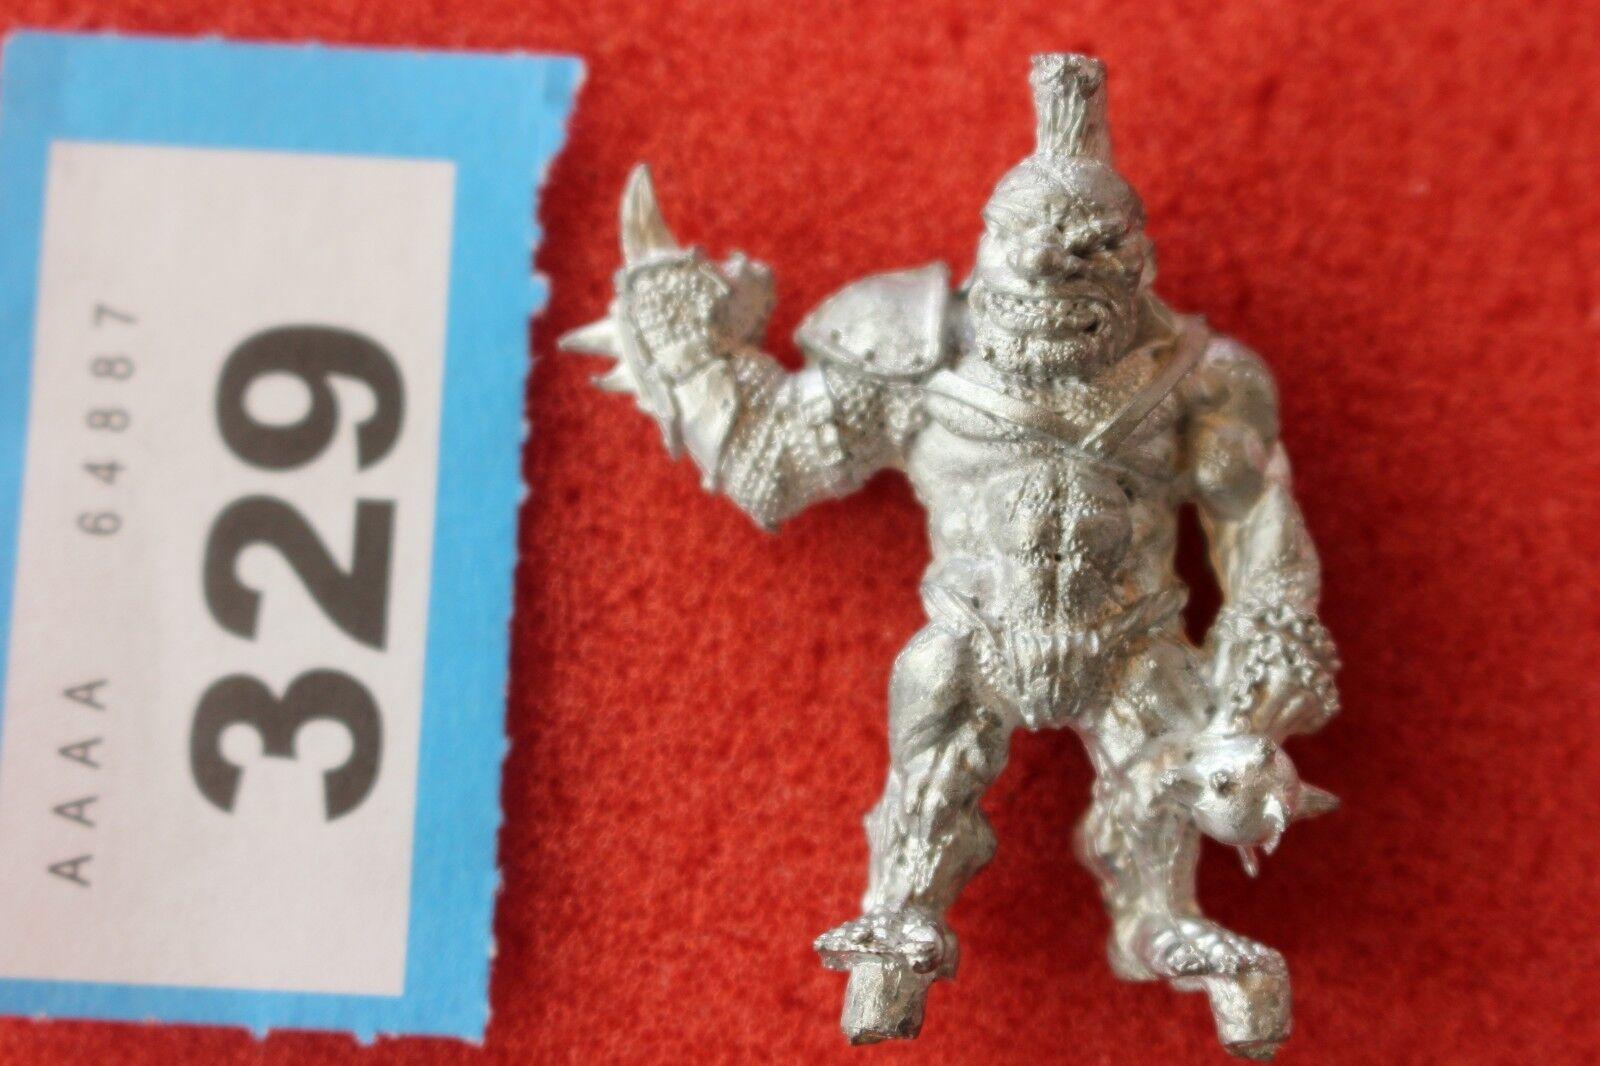 Citadel C23 Warhammer Giant Ogre Gladiator Games Workshop Metal Fantasy OOP